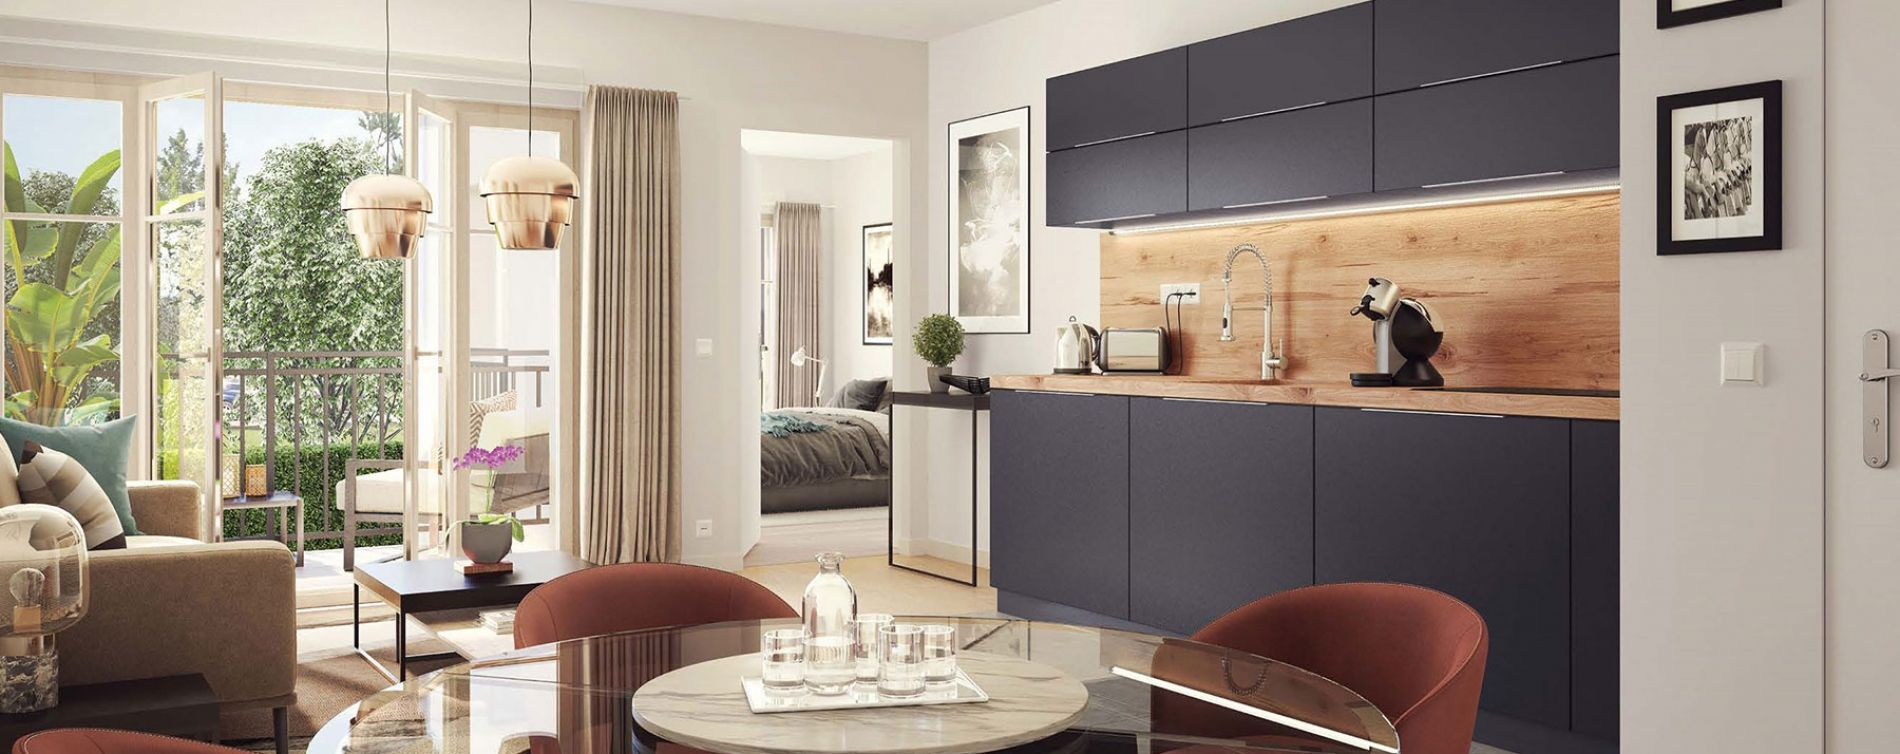 Voisins-le-Bretonneux : programme immobilier neuve « Belle Epoque » (4)